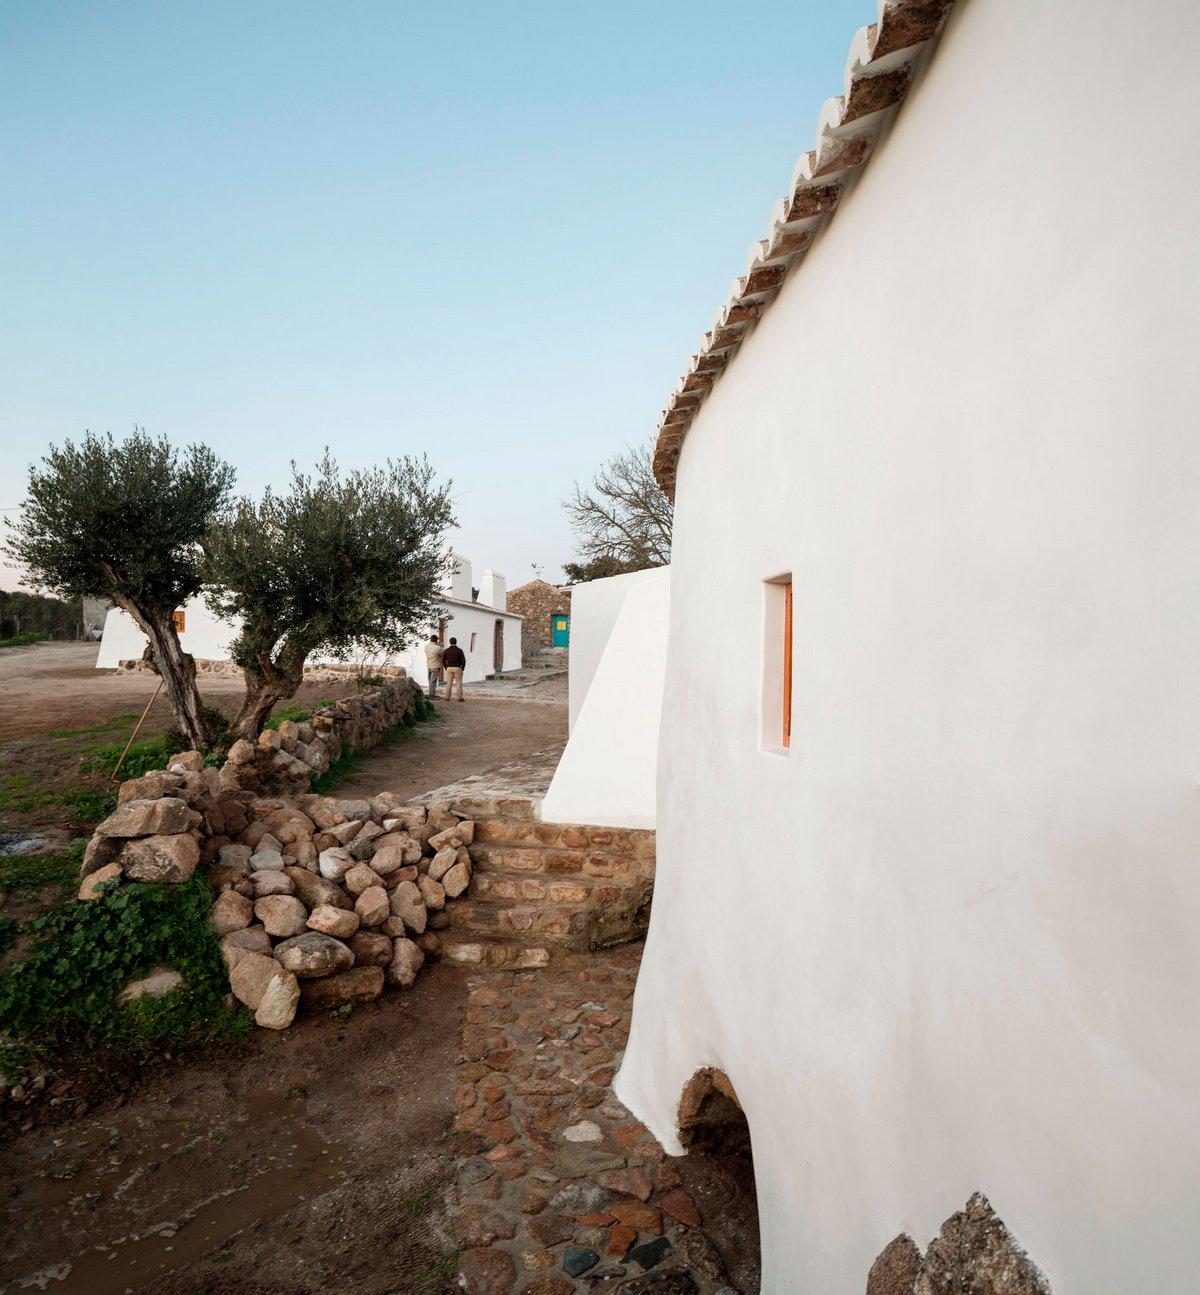 Pereira Miguel Arquitectos, Casas Caiadas, дома в Португалии, частный дом в Лиссабоне, португальская архитектура, интерьер дома под старину, план дома